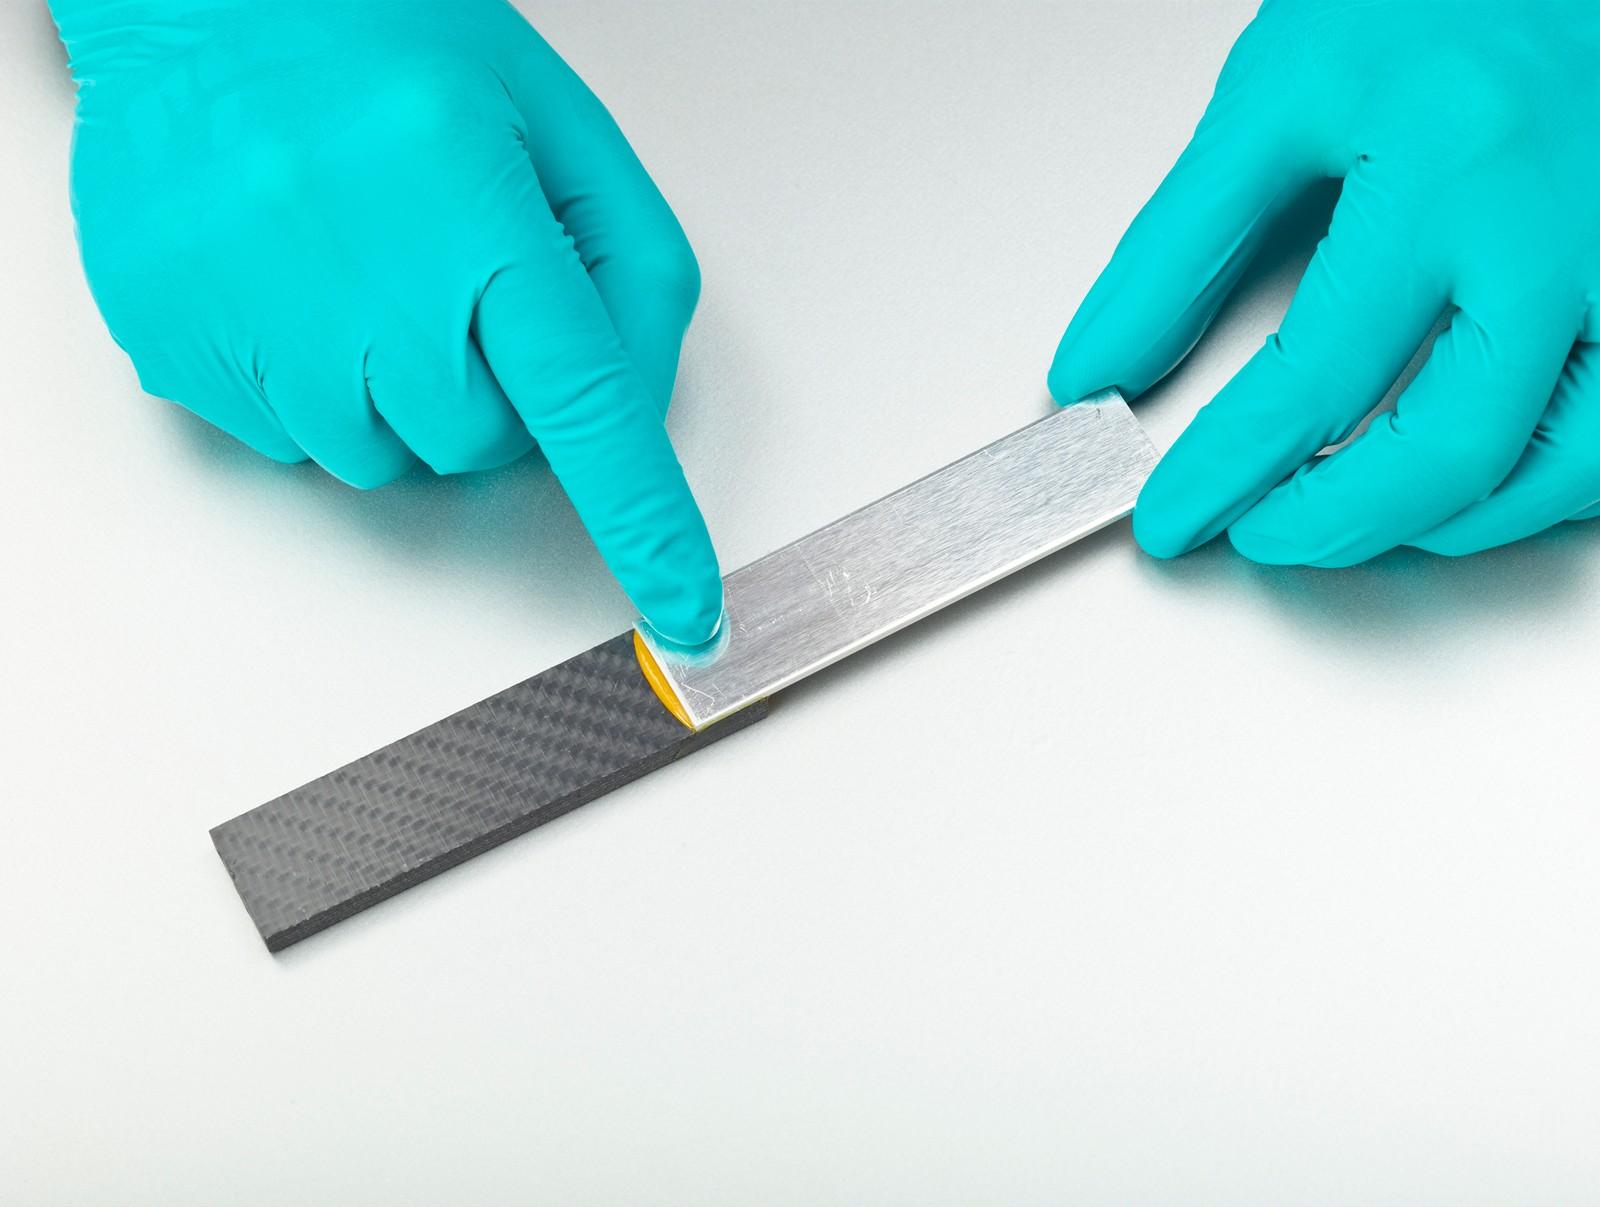 Moderne Klebstoffsysteme ermöglichen die problemlose Verbindung von verschiedenen Werkstoffen. Hier: strukturiertes CFK mit Aluminium.